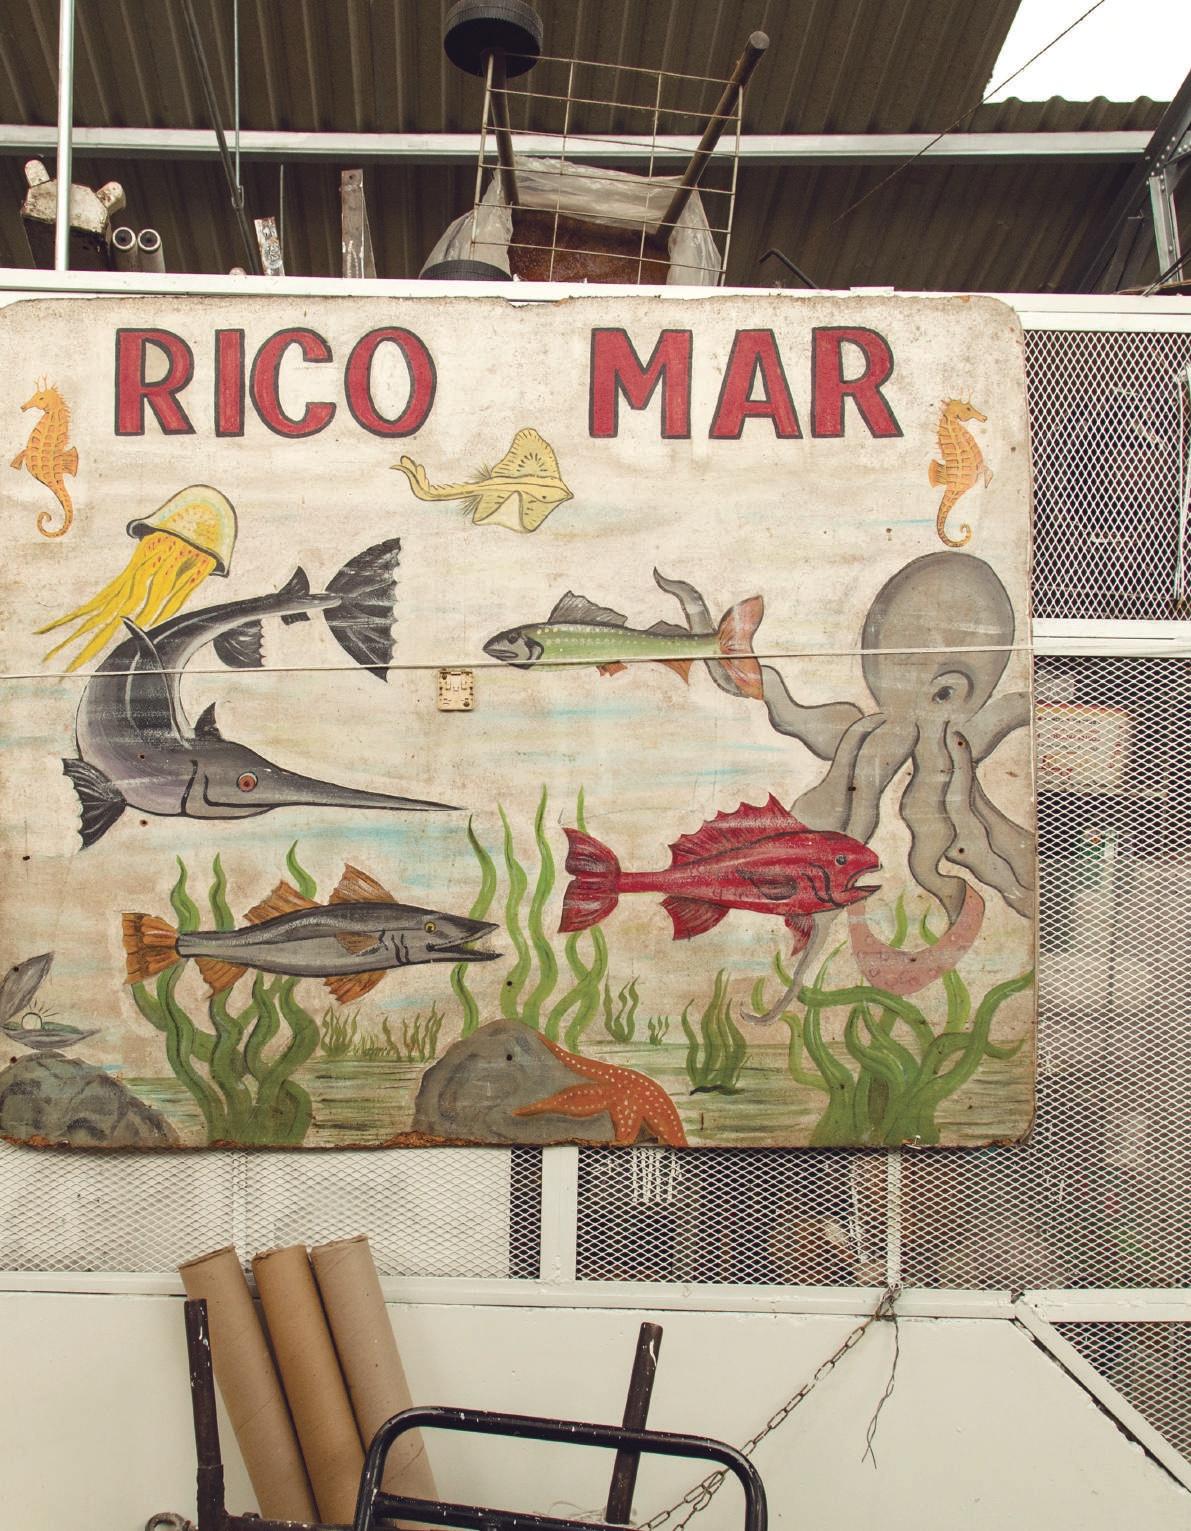 06102019_nota-murales en mercados 03.jpg